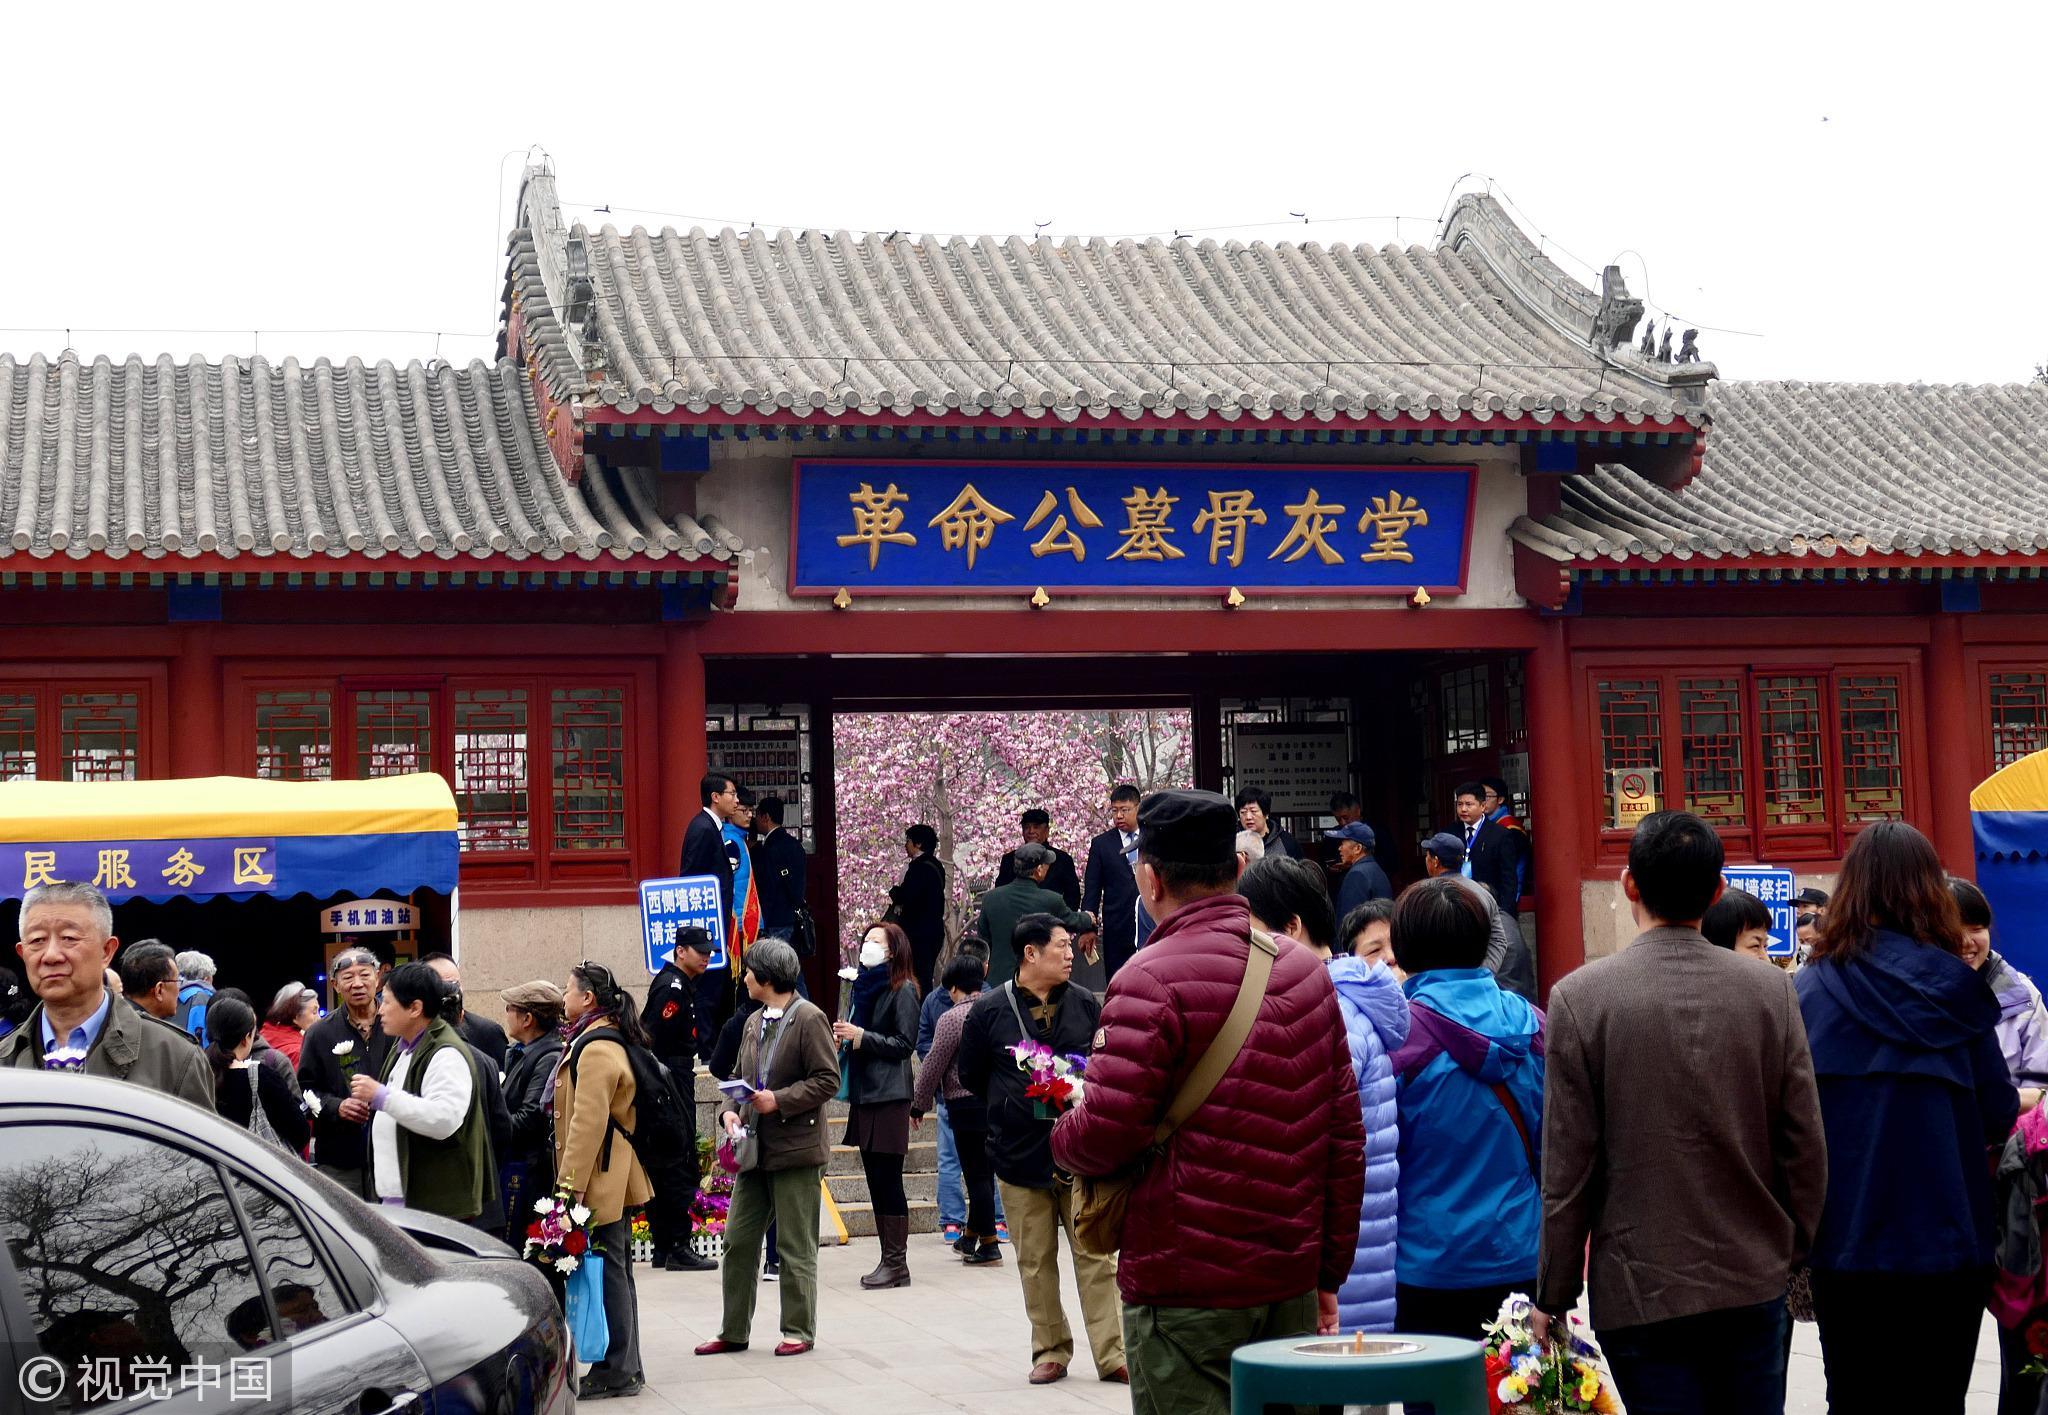 2017年4月4日,在北京八宝山革命公墓,市民前来扫墓。/视觉中国